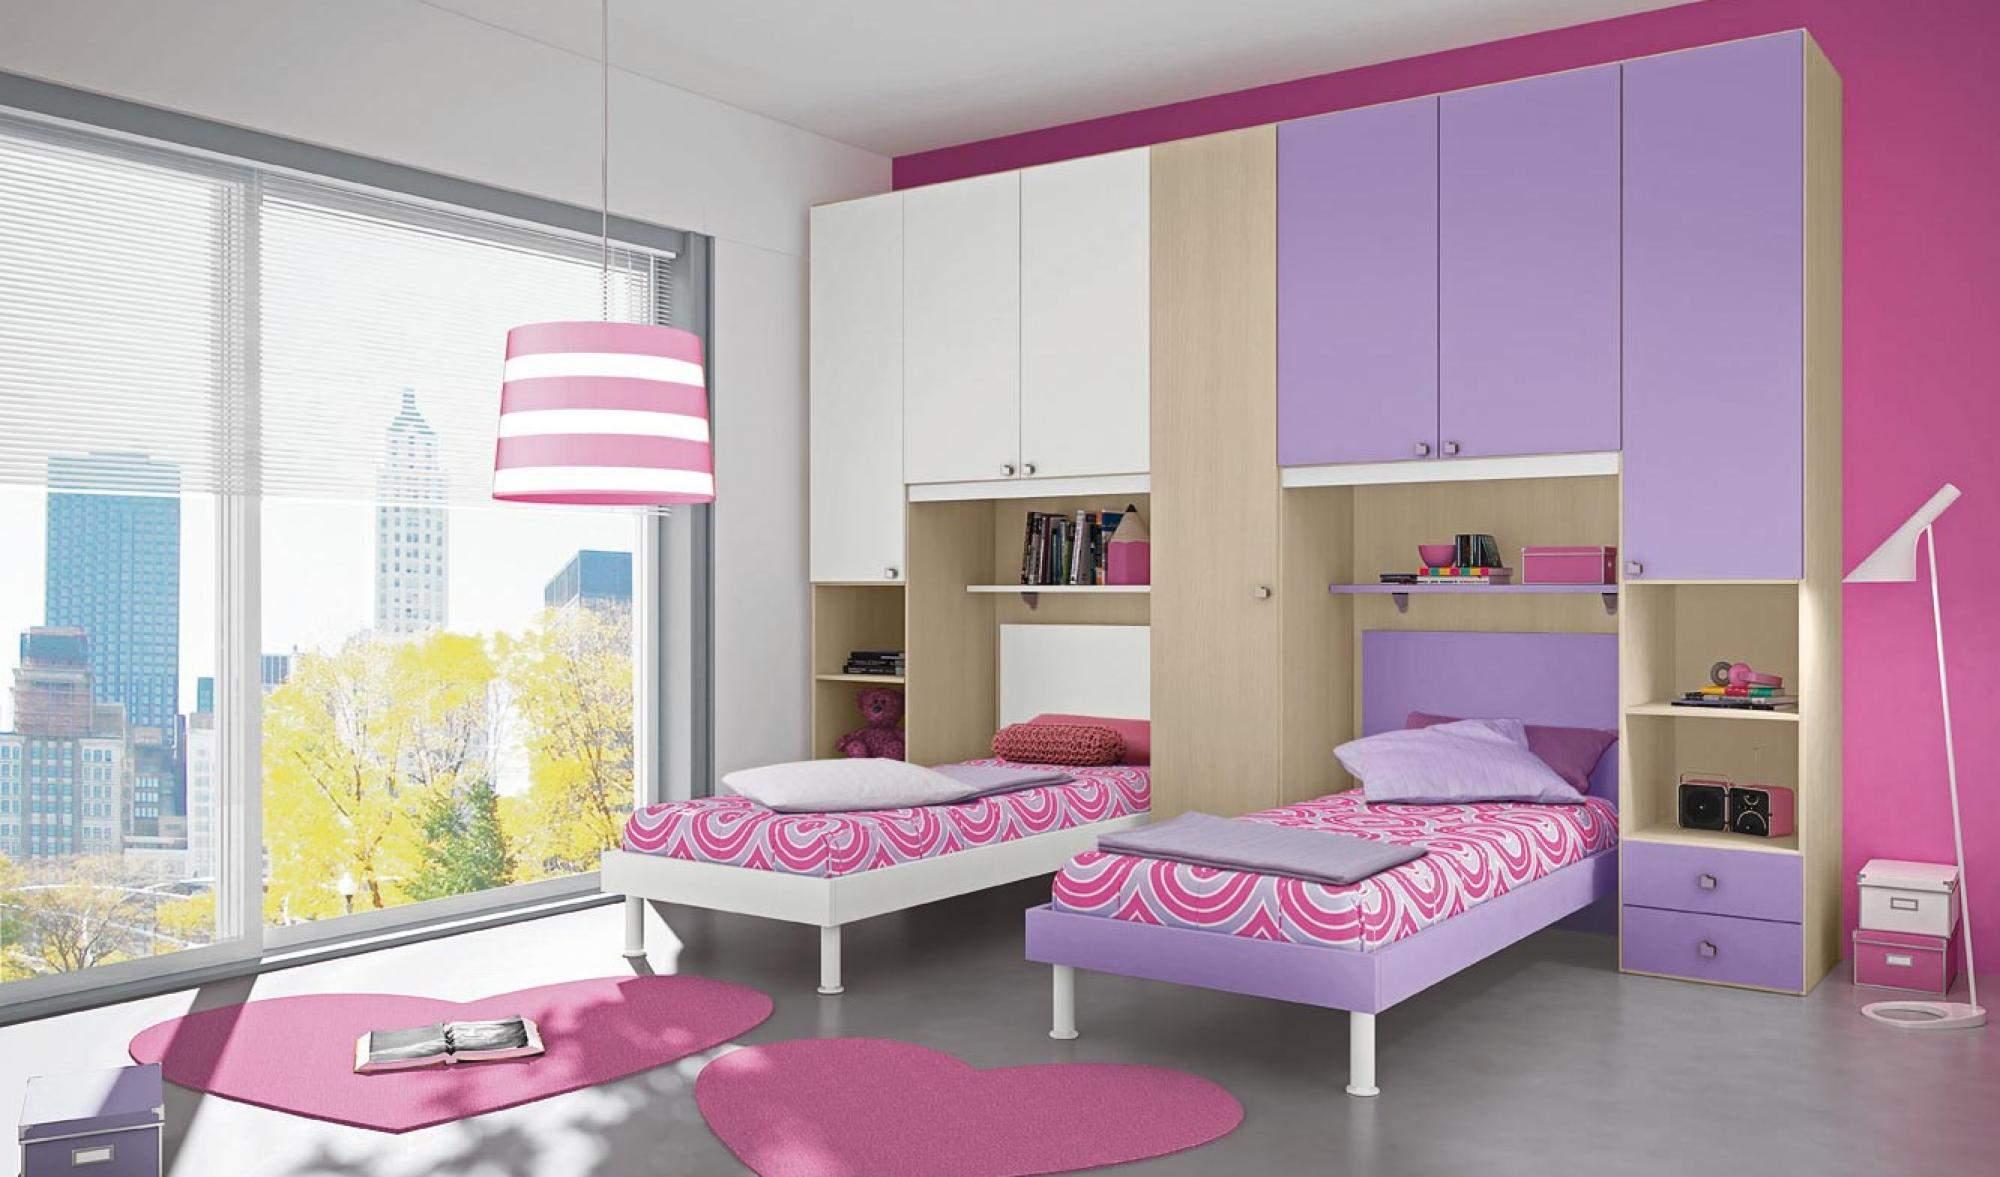 Camerette bambini per stanze piccole design casa for Mobili componibili per camerette